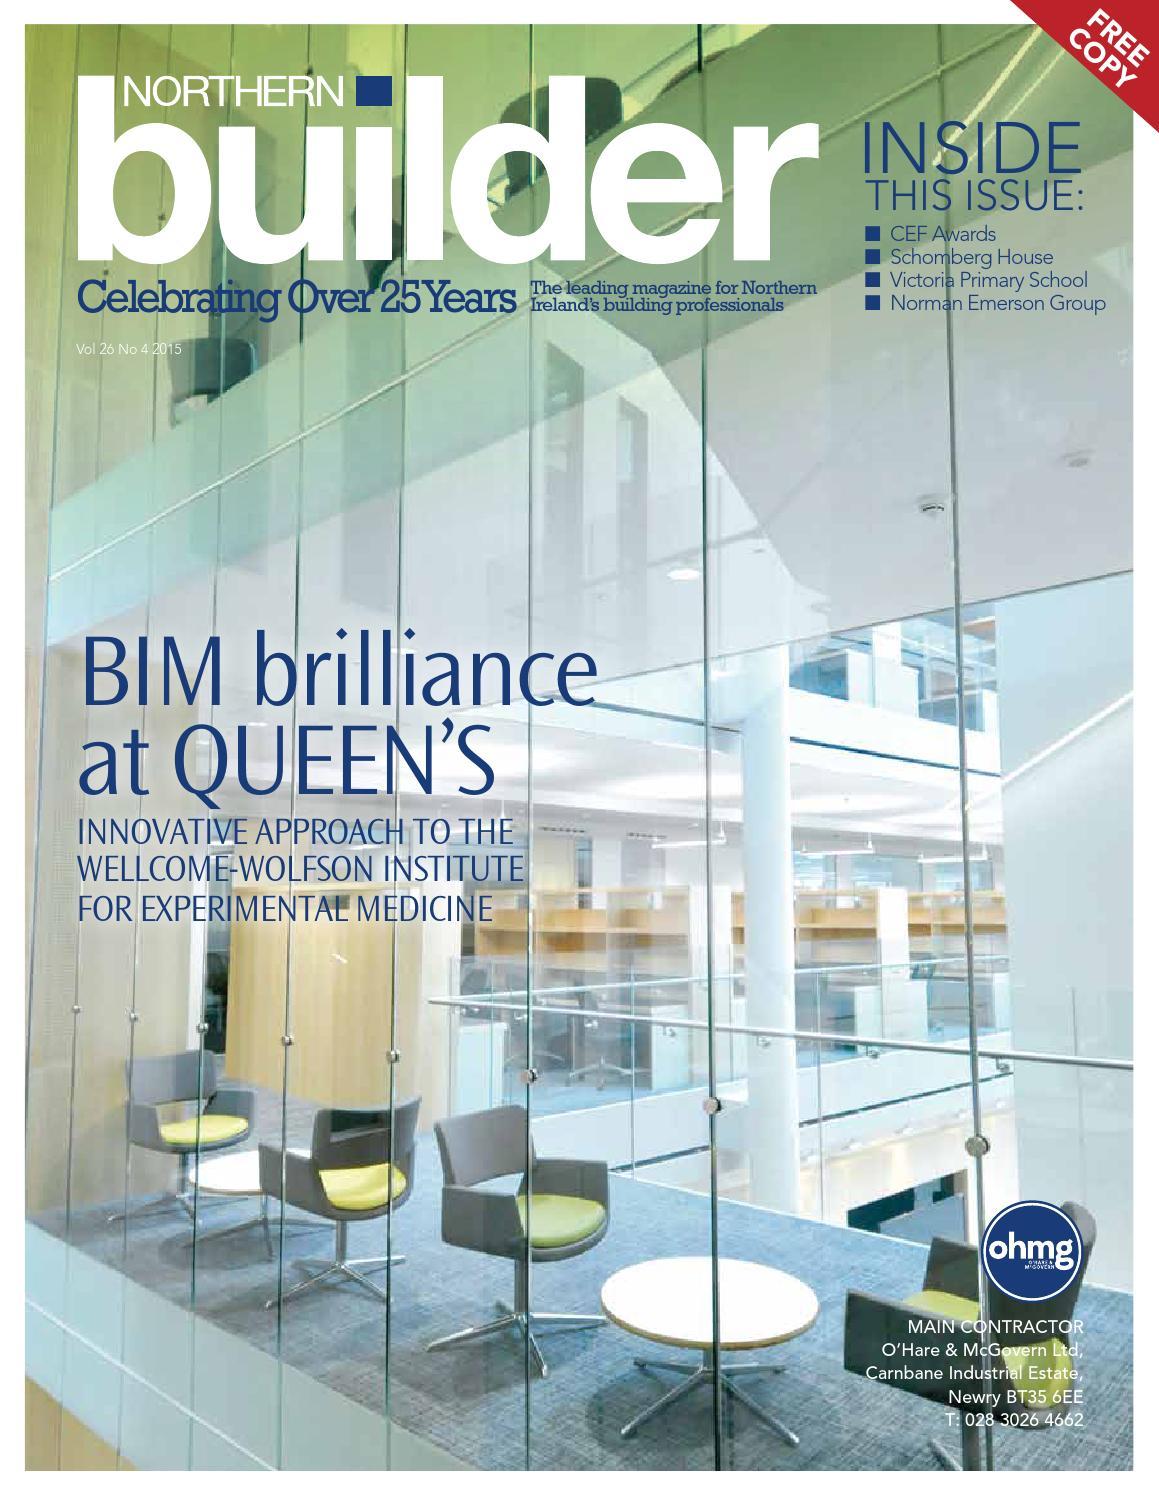 Northern Builder Magazine Issue 26-4 by Karen McAvoy Publishing - issuu